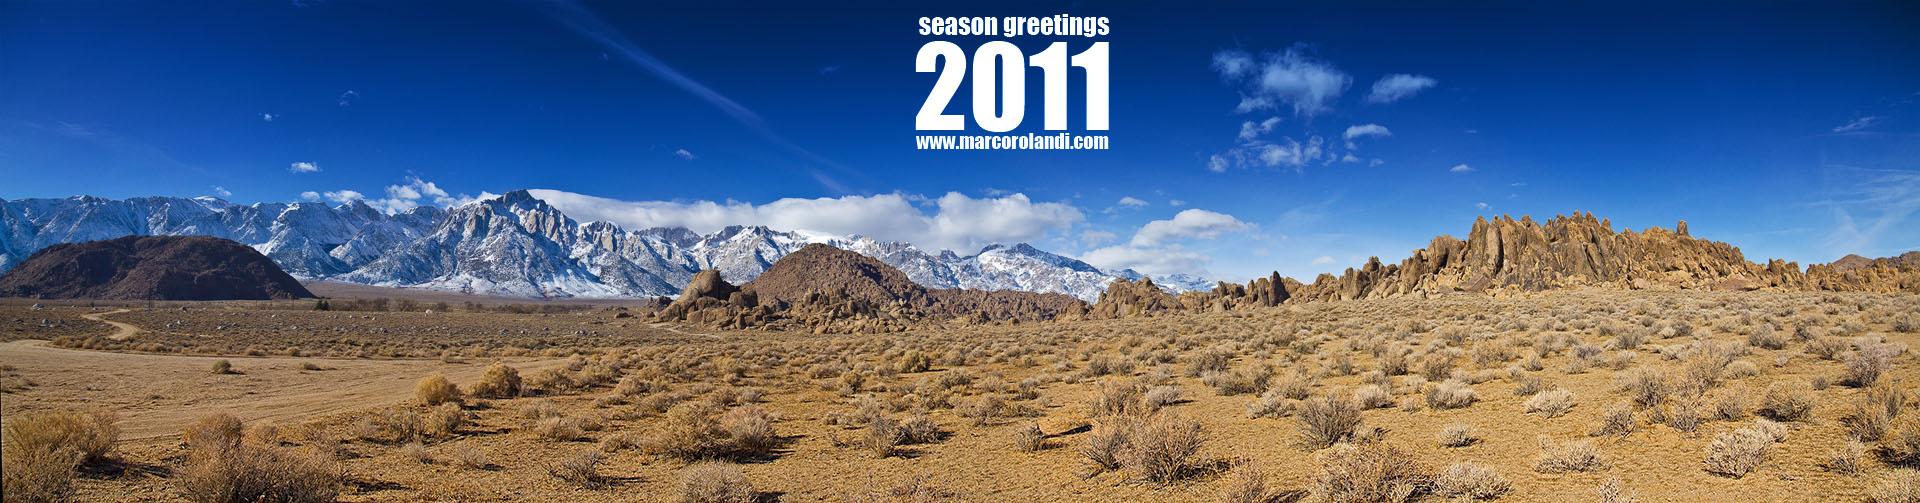 Marco edel rolandi personal website greetings cards greetings 2012 greetings2011 kristyandbryce Images